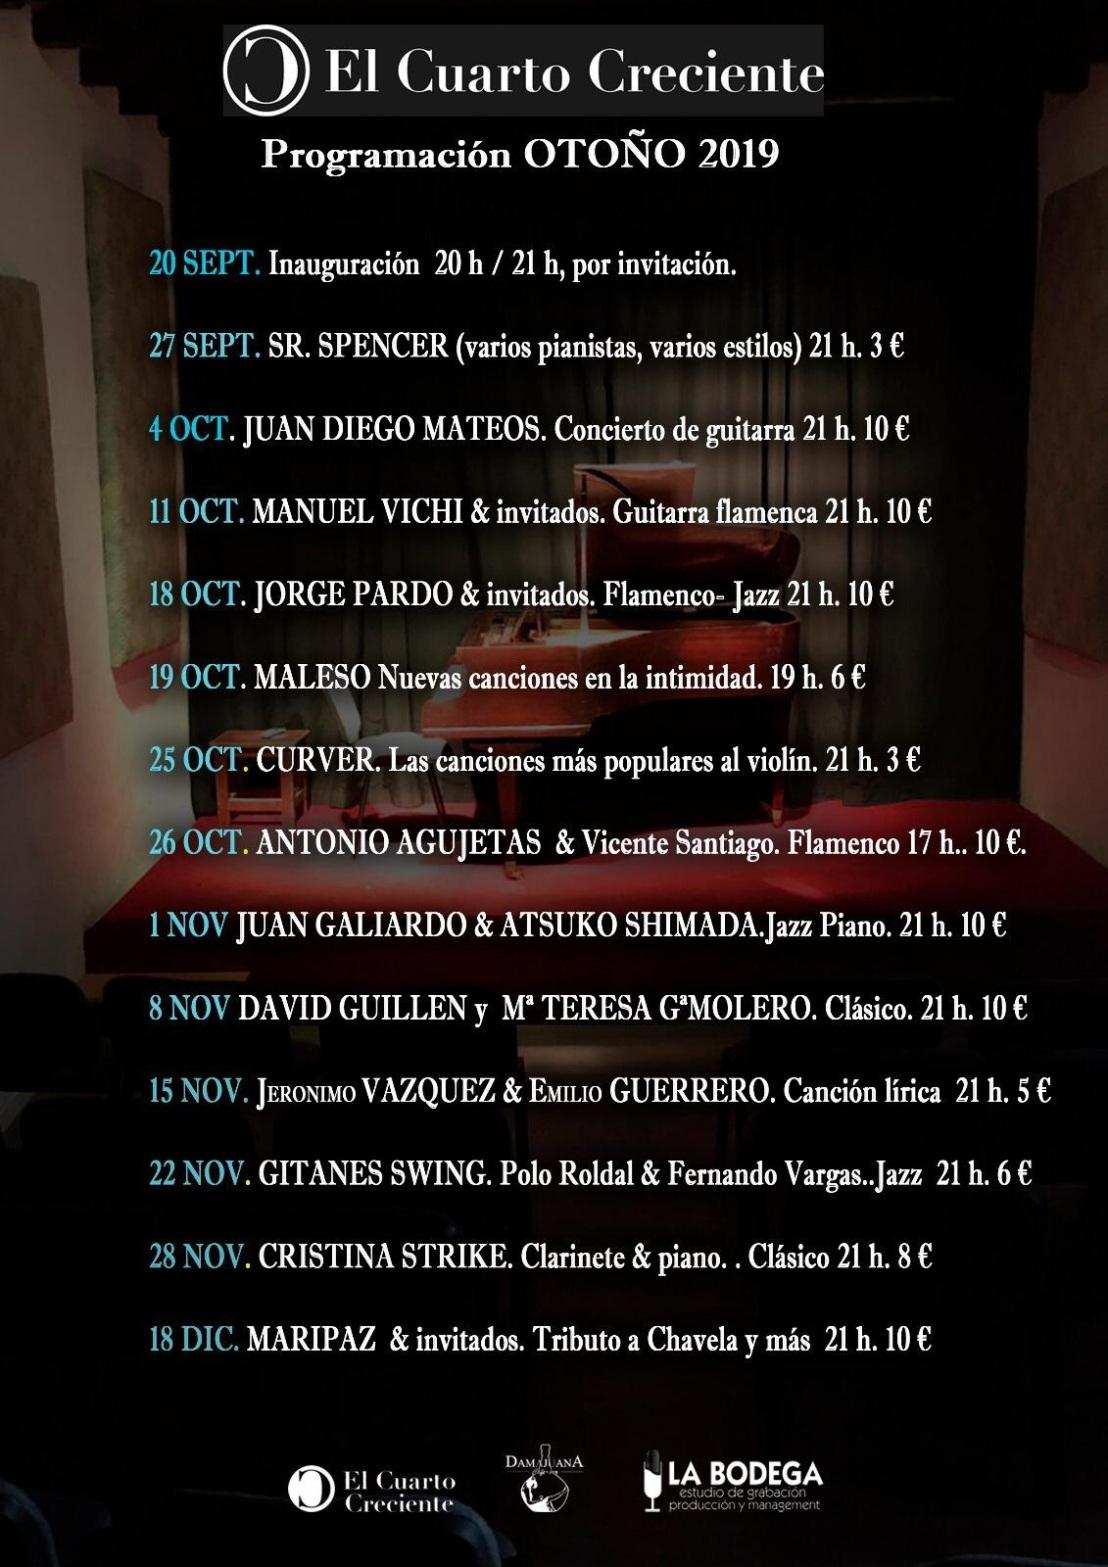 cuartocrecienteprograma19